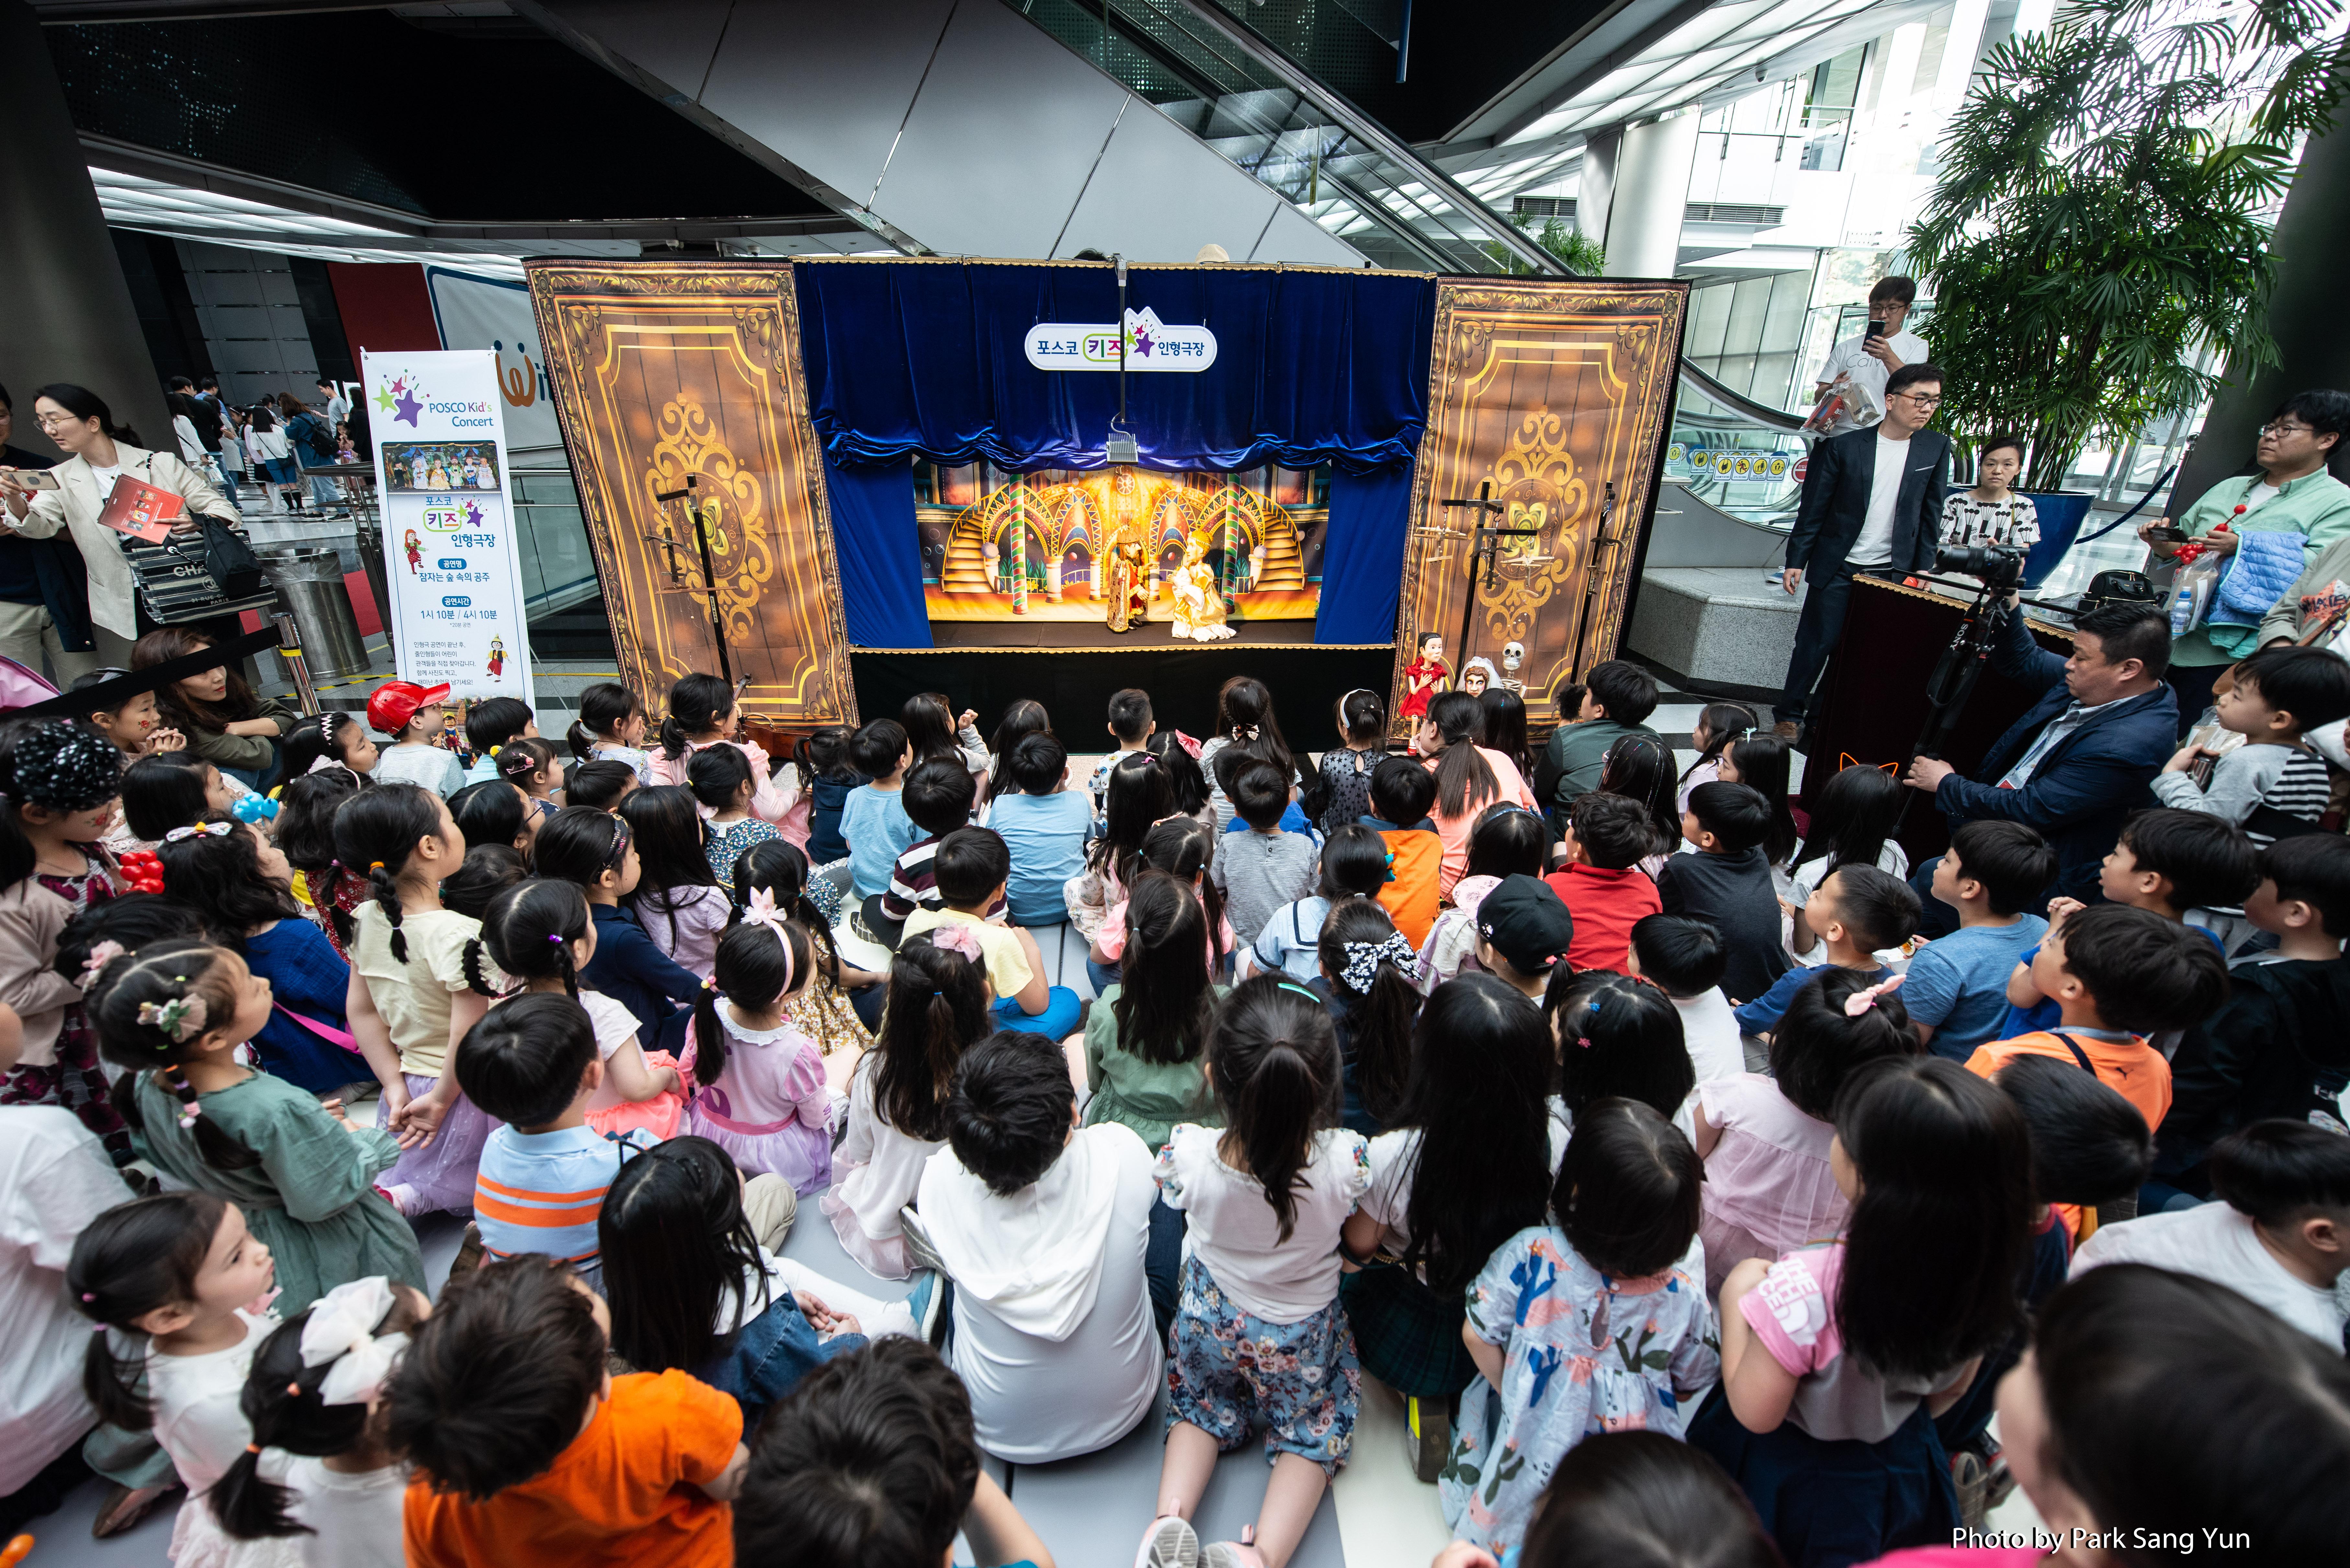 본 공연전 인형극장 '잠자는 숲속의 공주'를 관람하고 있는 어린이들